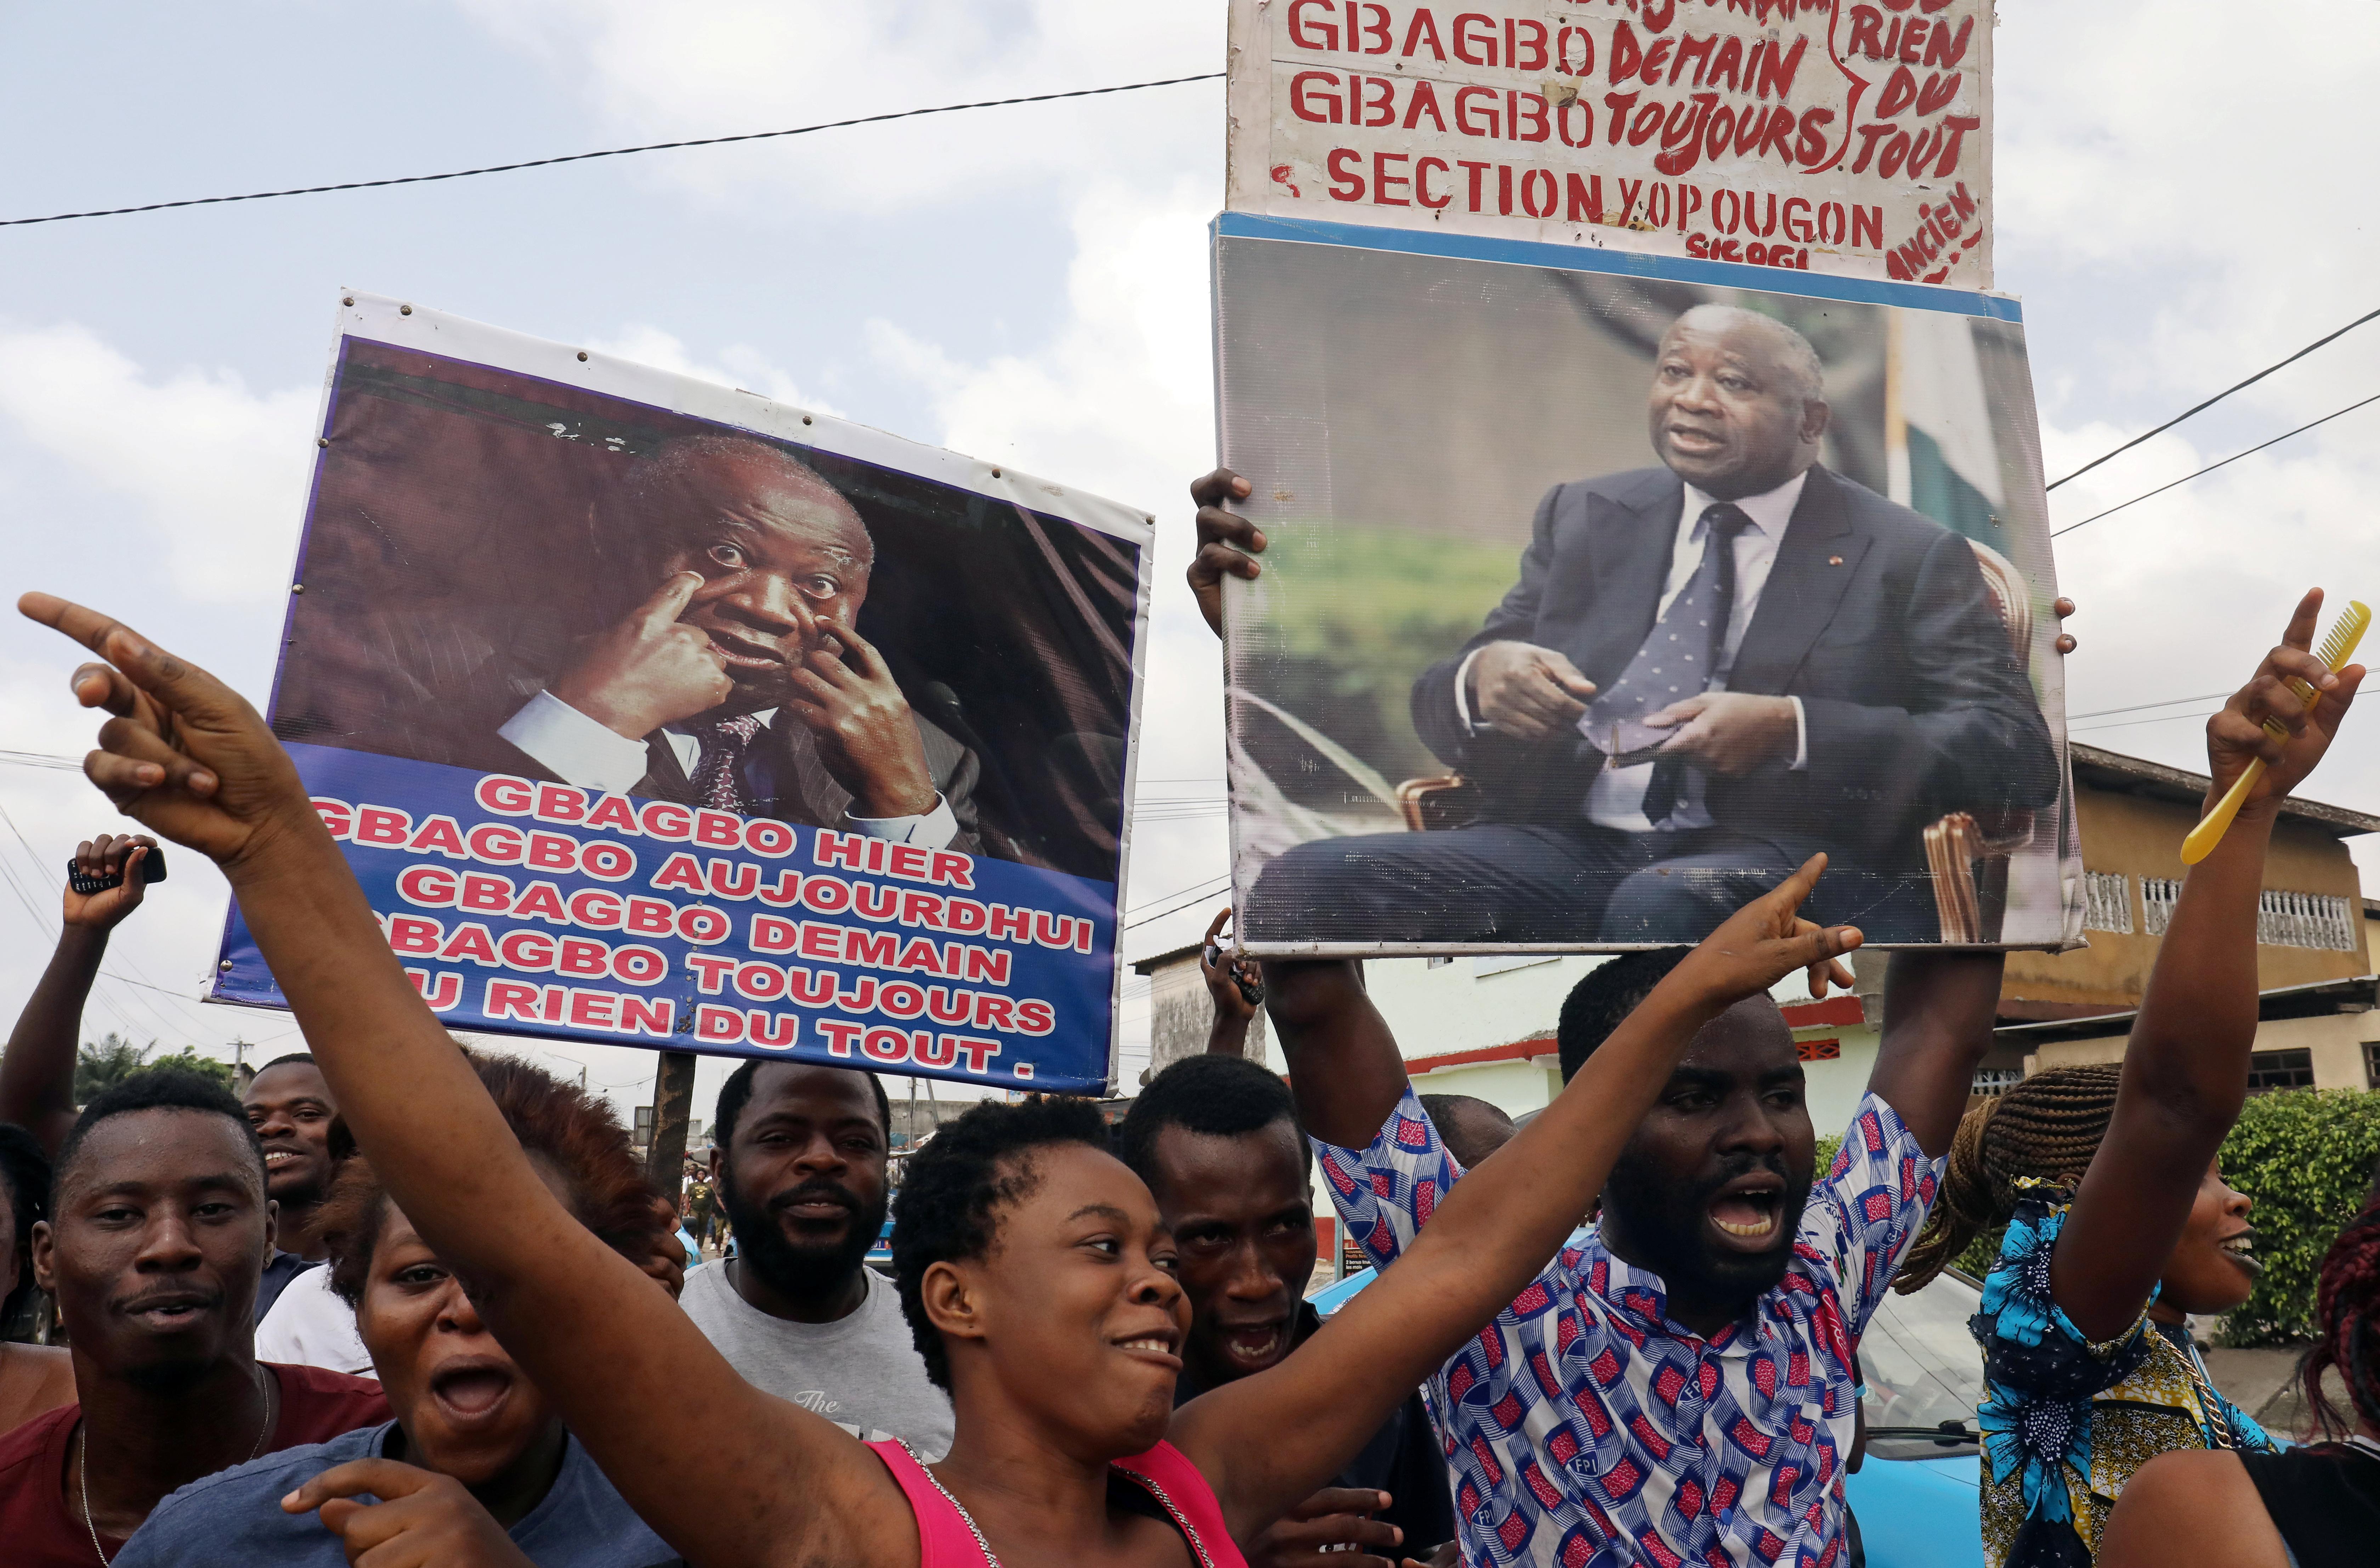 Des partisans de Laurent Gbagbo laissent éclater leur joie après l'annonce de l'acquittement par la CPI, à Abidjan le 15 janvier 2019.